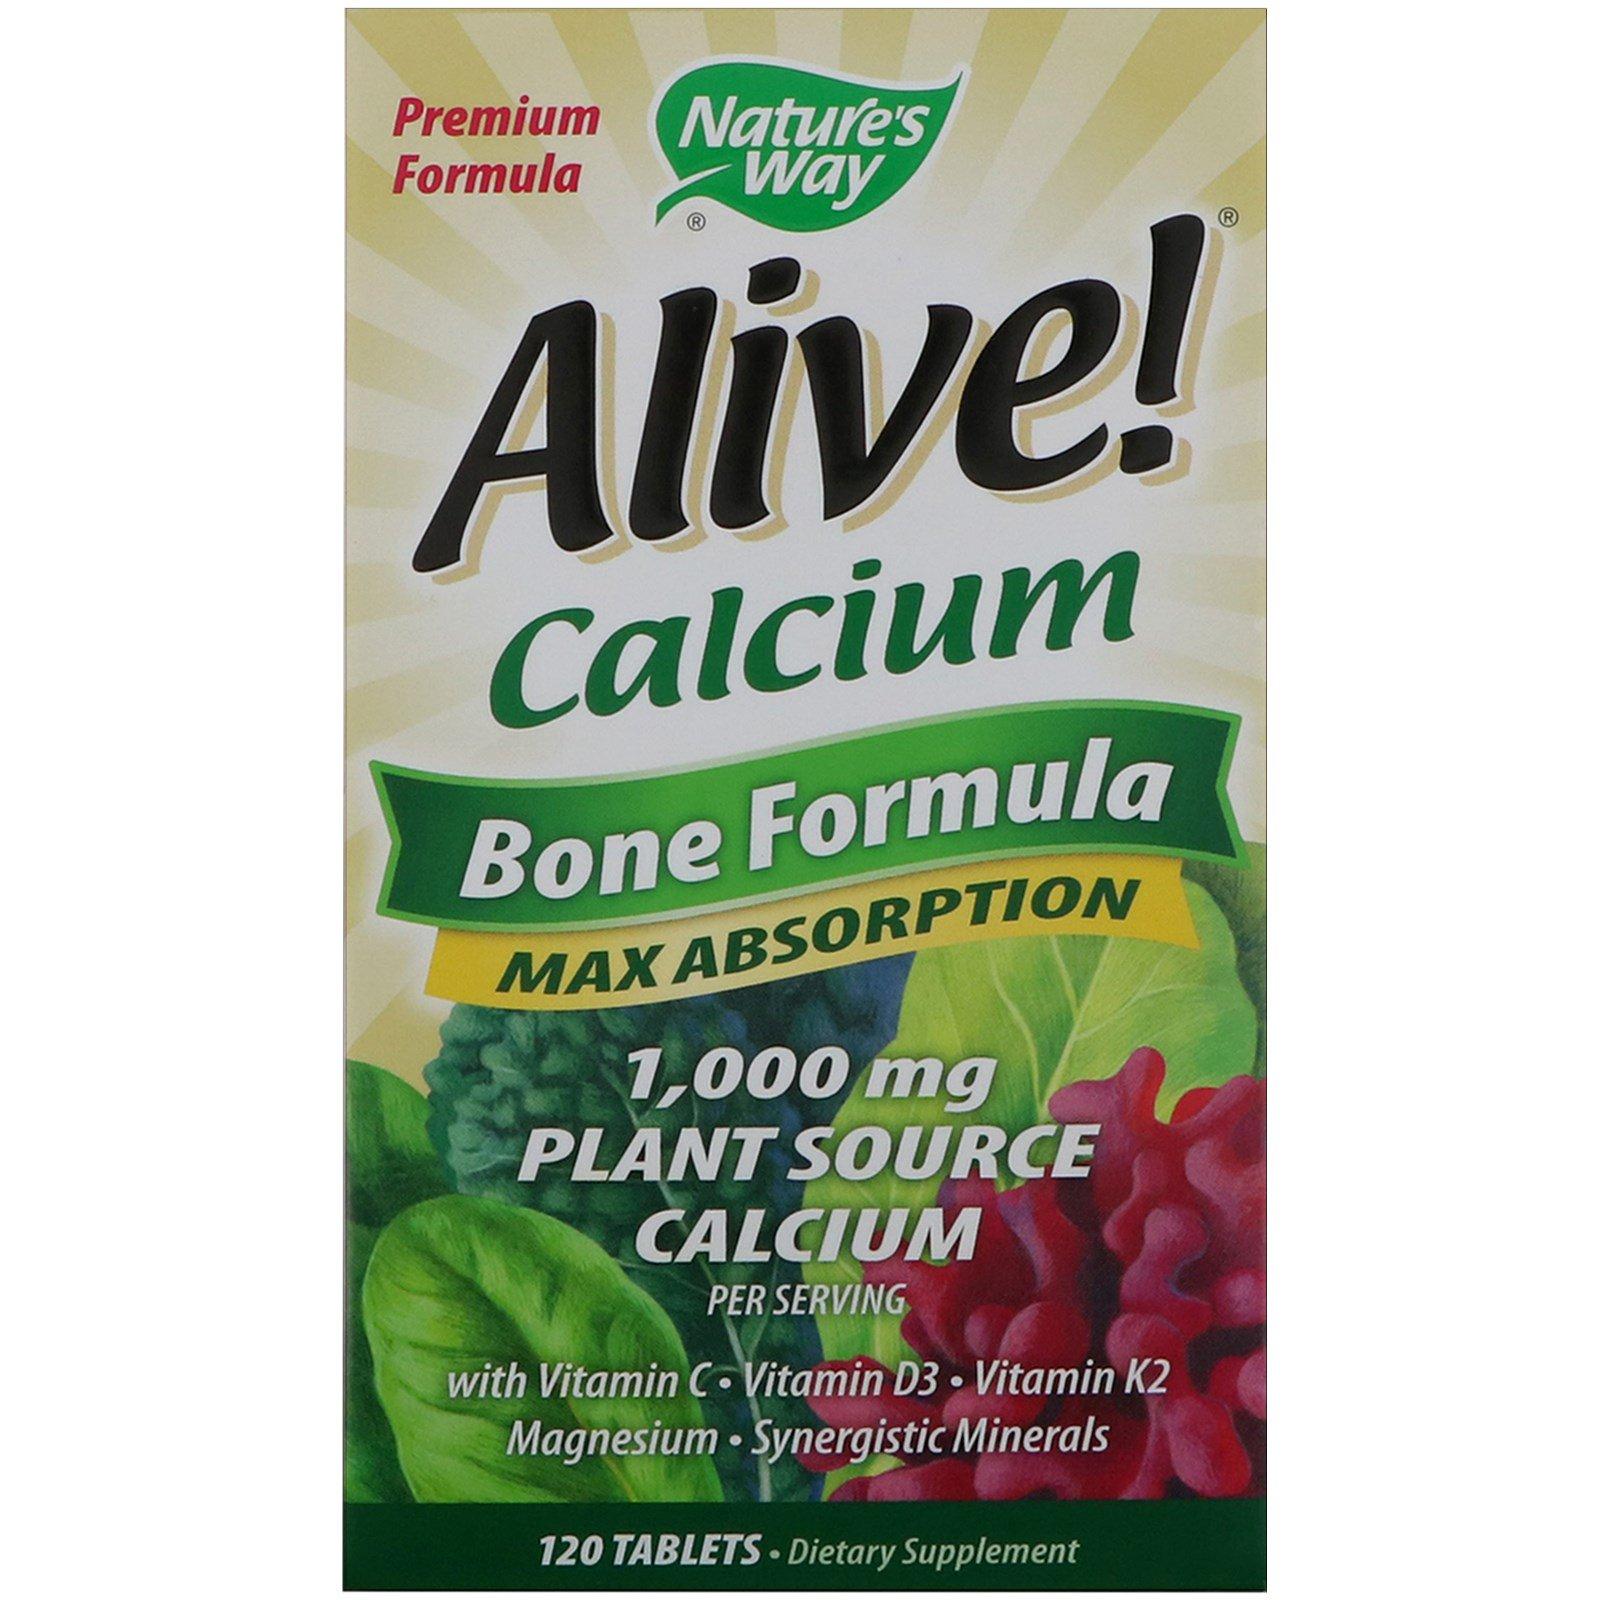 Nature's Way, Кальций Alive! максимальная абсорбция, формула для костей, 120 таблеток